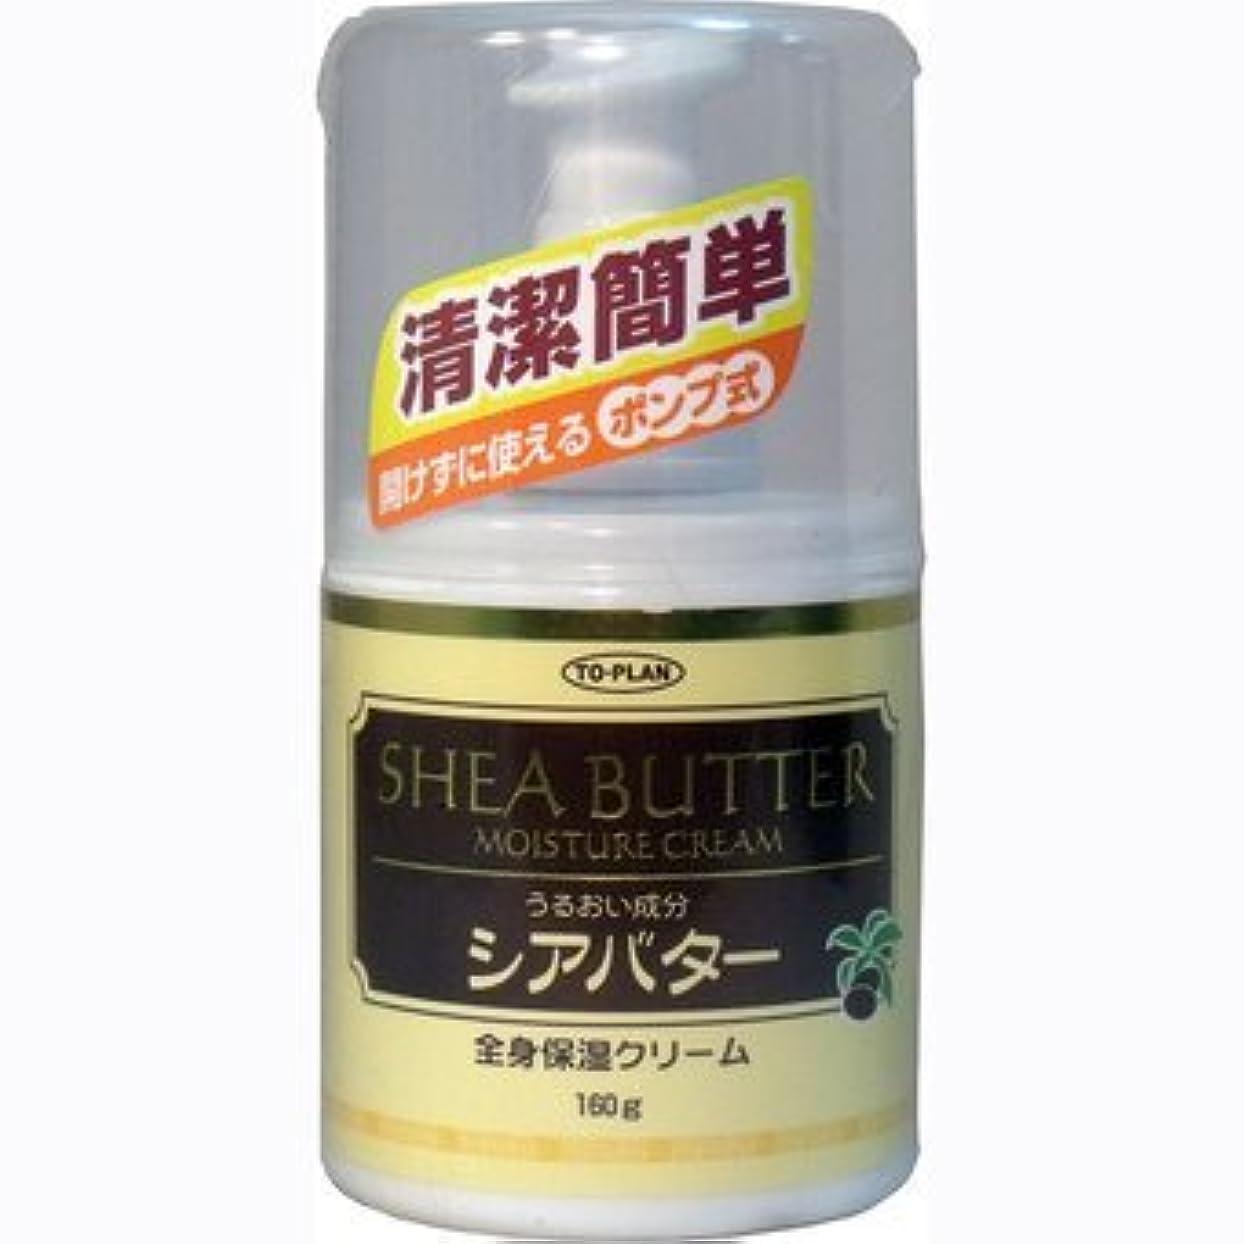 時々一般的に言えば北西トプラン 全身保湿クリーム シアバター ポンプ式 160g (商品内訳:単品1本)